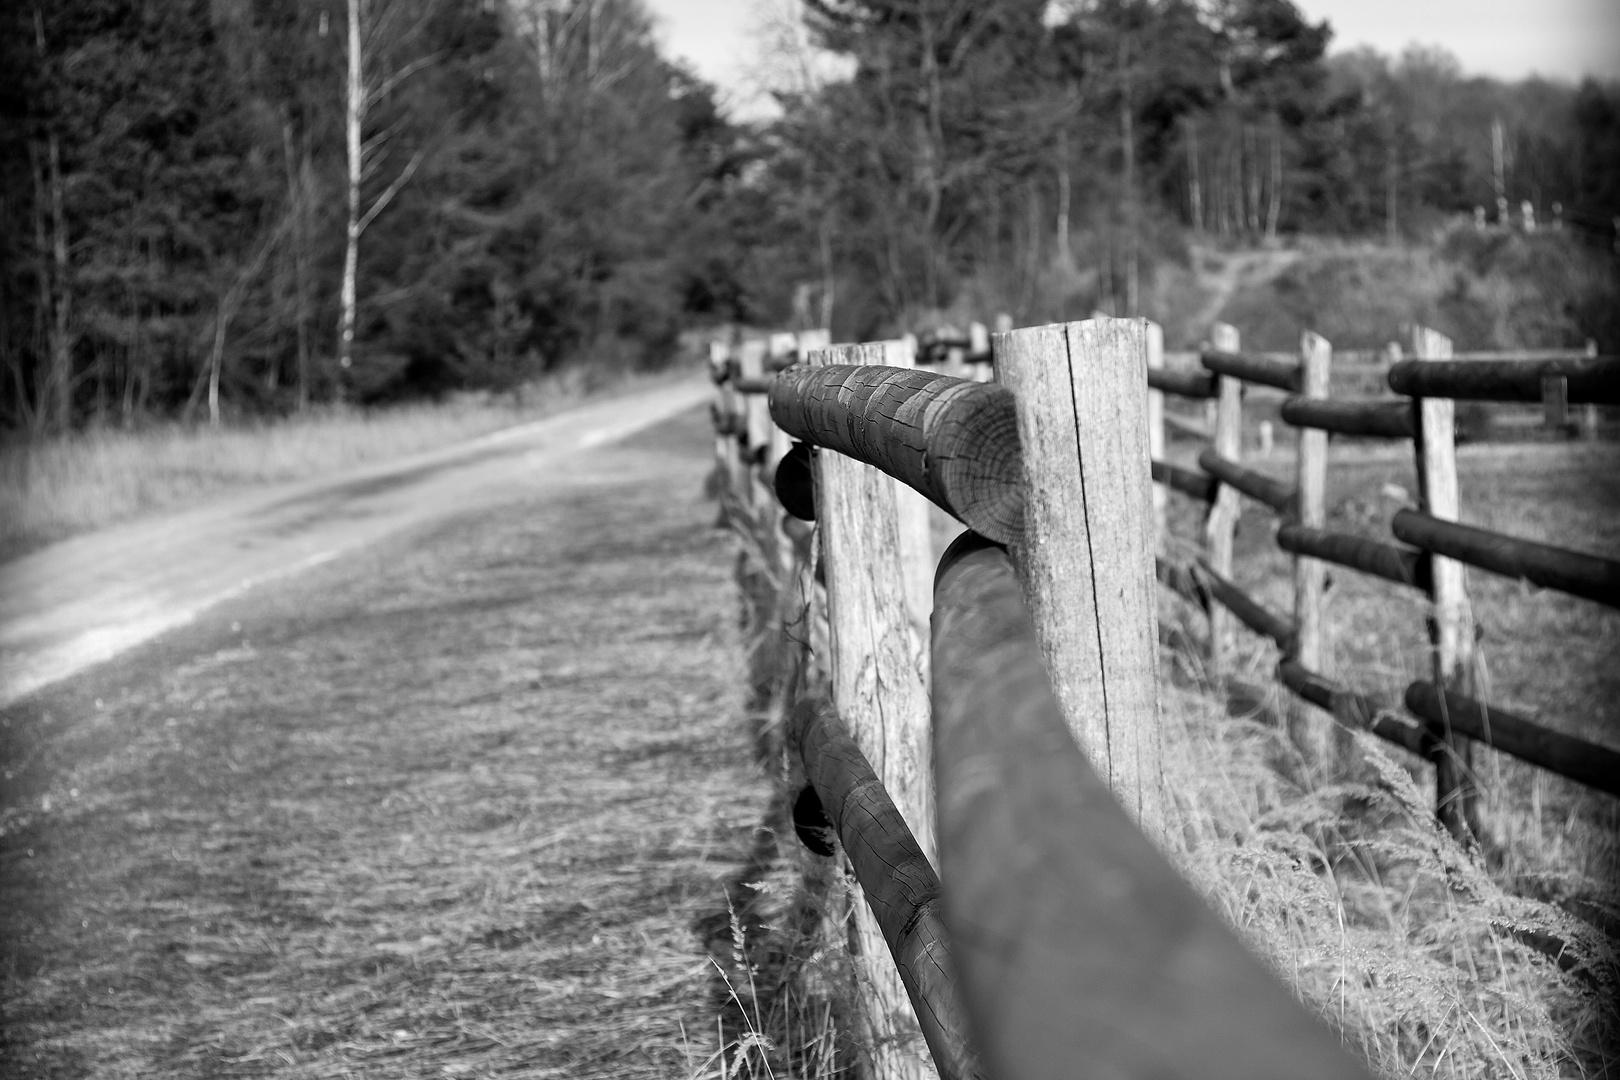 Zaun am Weg